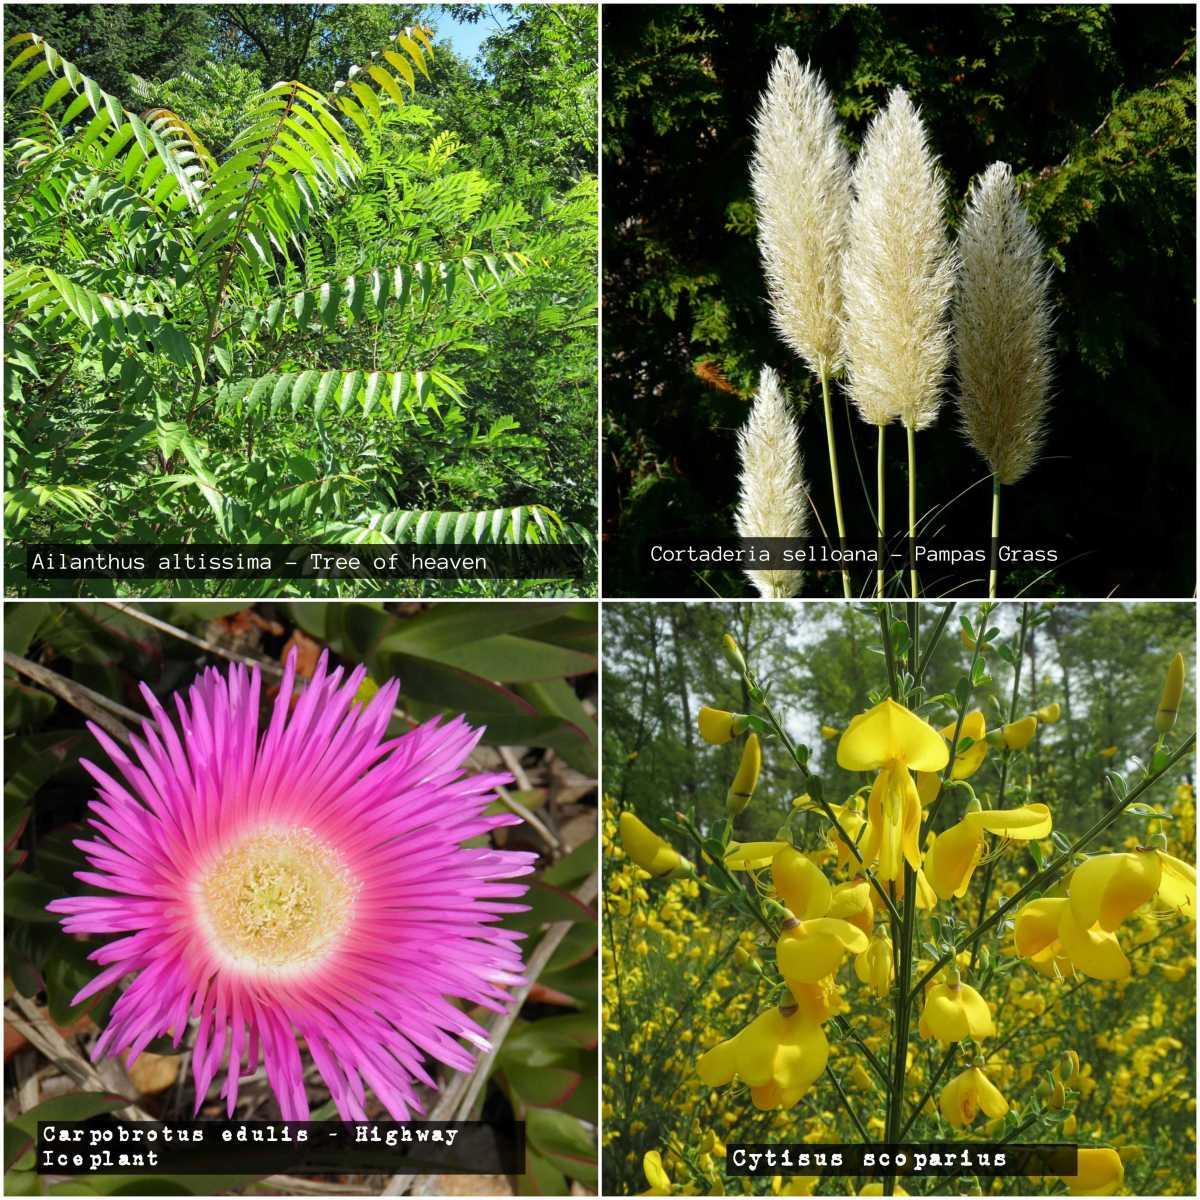 Gardening Jargon - invasive